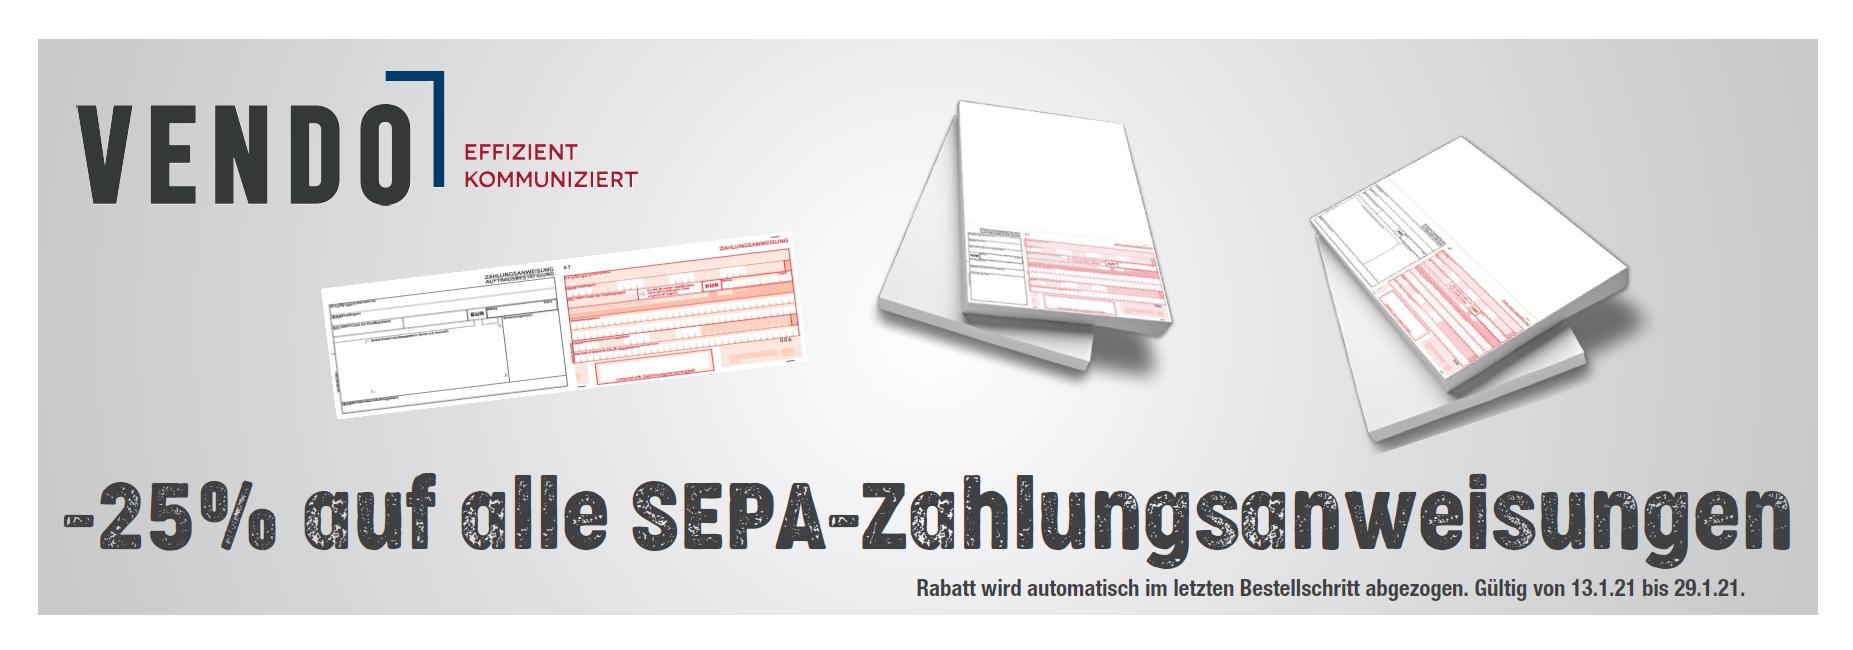 Sparen Sie -25% auf alle SEPA-Zahlungsanweisungen